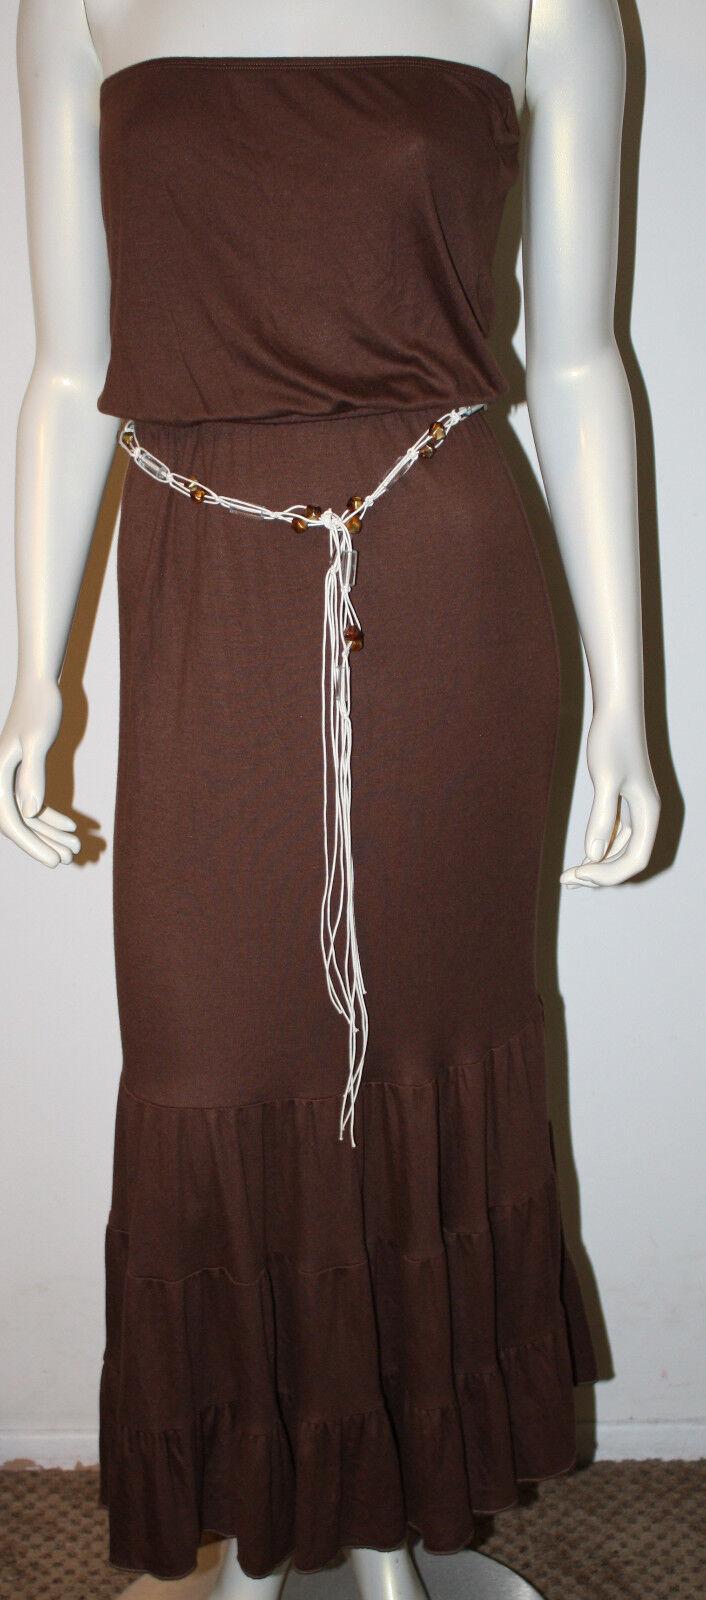 DIANE von FURSTENBERG Jamaica braun Modal Long Strapless Dress NWT S DVF